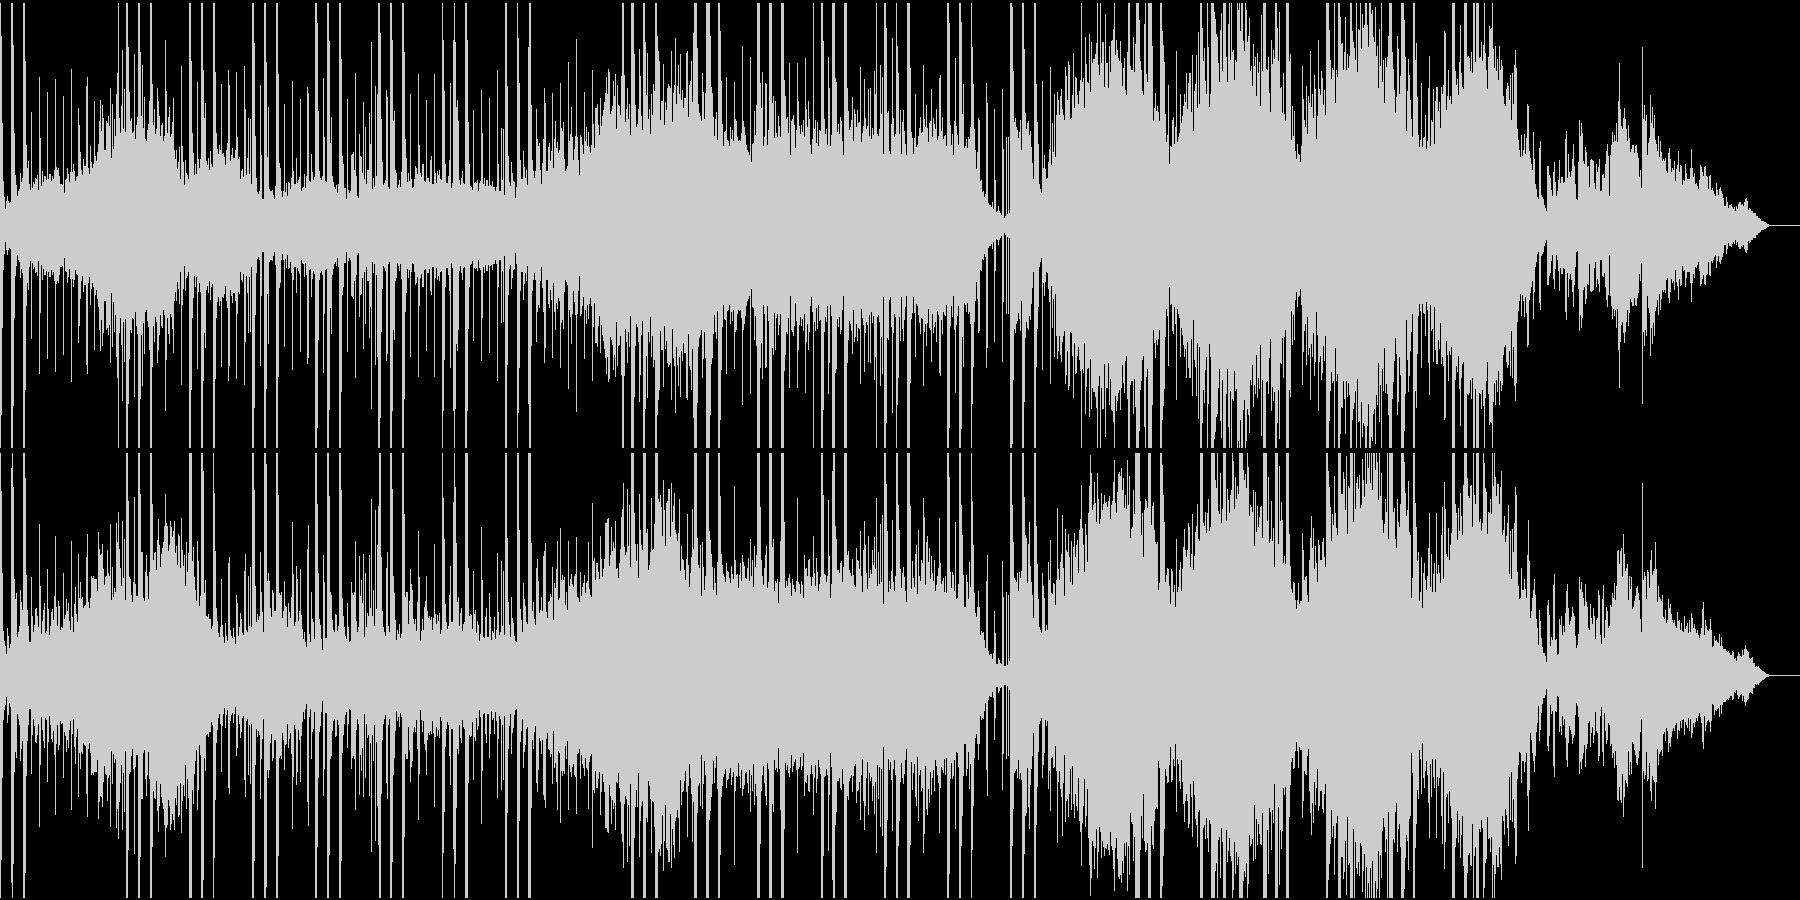 幻想的な雰囲気のシンセサイザー曲の未再生の波形